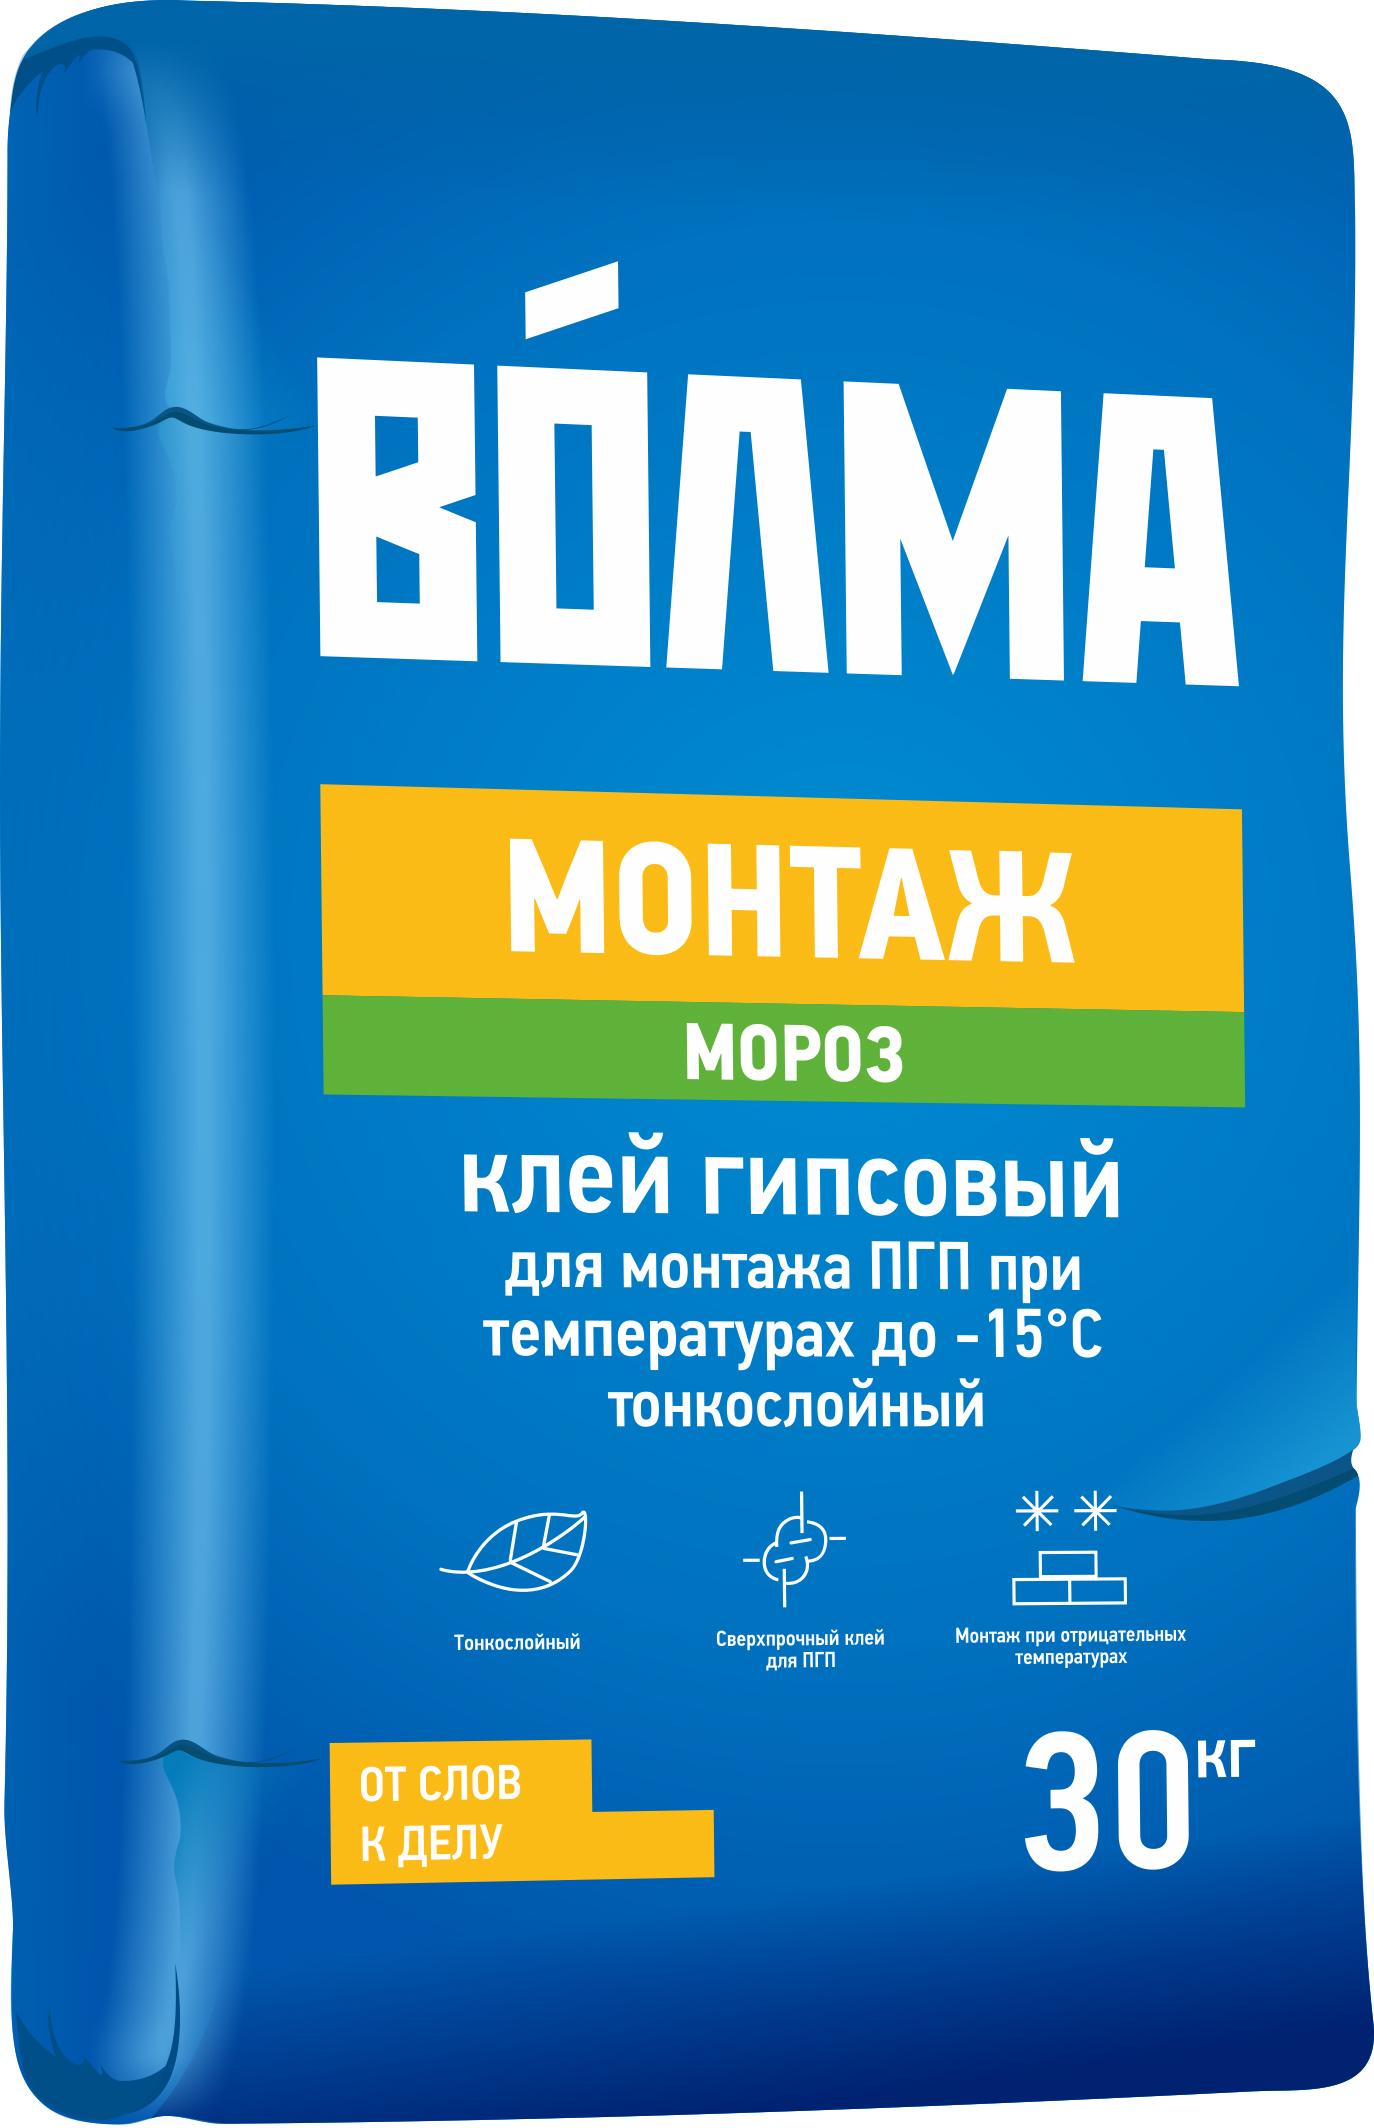 Купить Смесь монтажная гипсовая Волма Монтаж Мороз, 30 кг — Фото №1